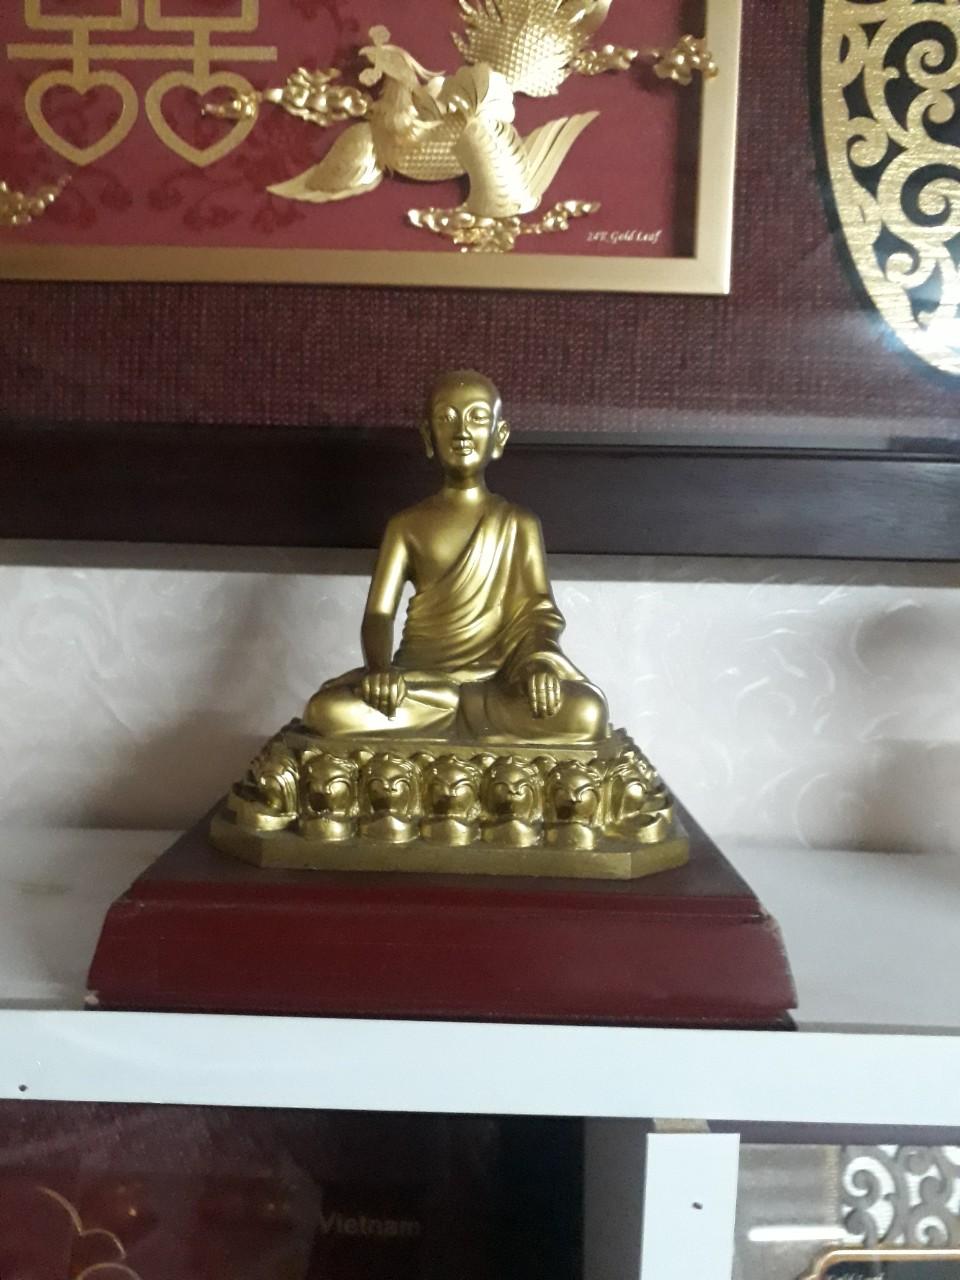 Đúc tượng Phật bằng đồng cỡ nhỏ cho bàn thờ tại gia